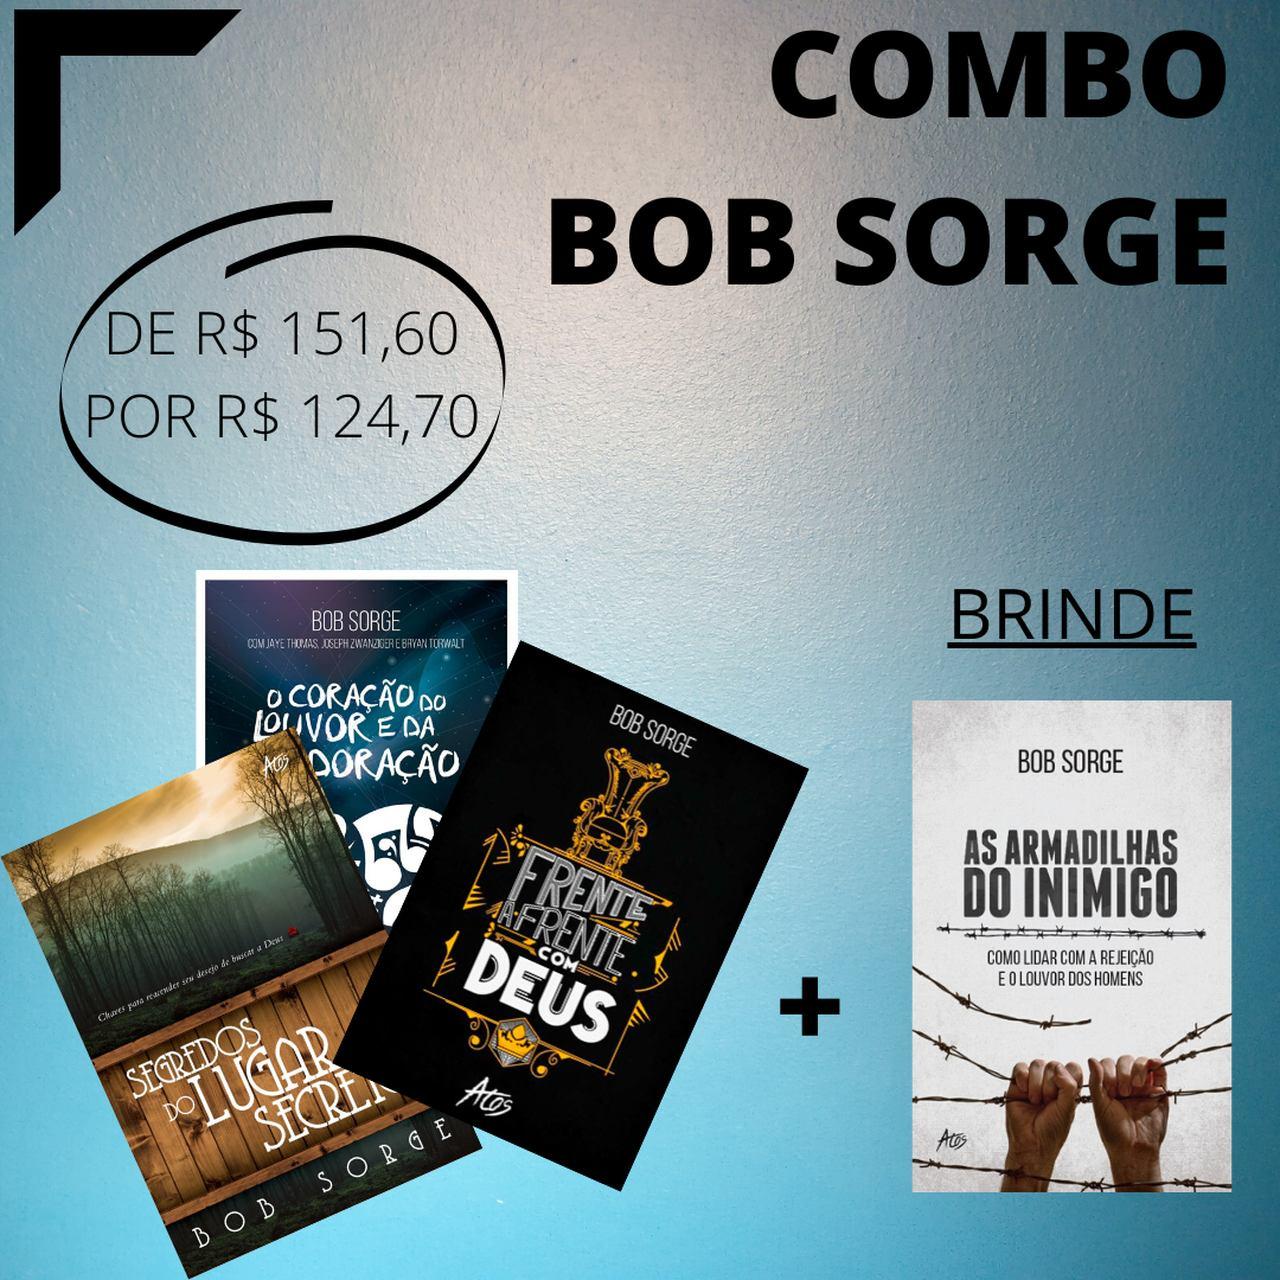 COMBO BOB SORGE